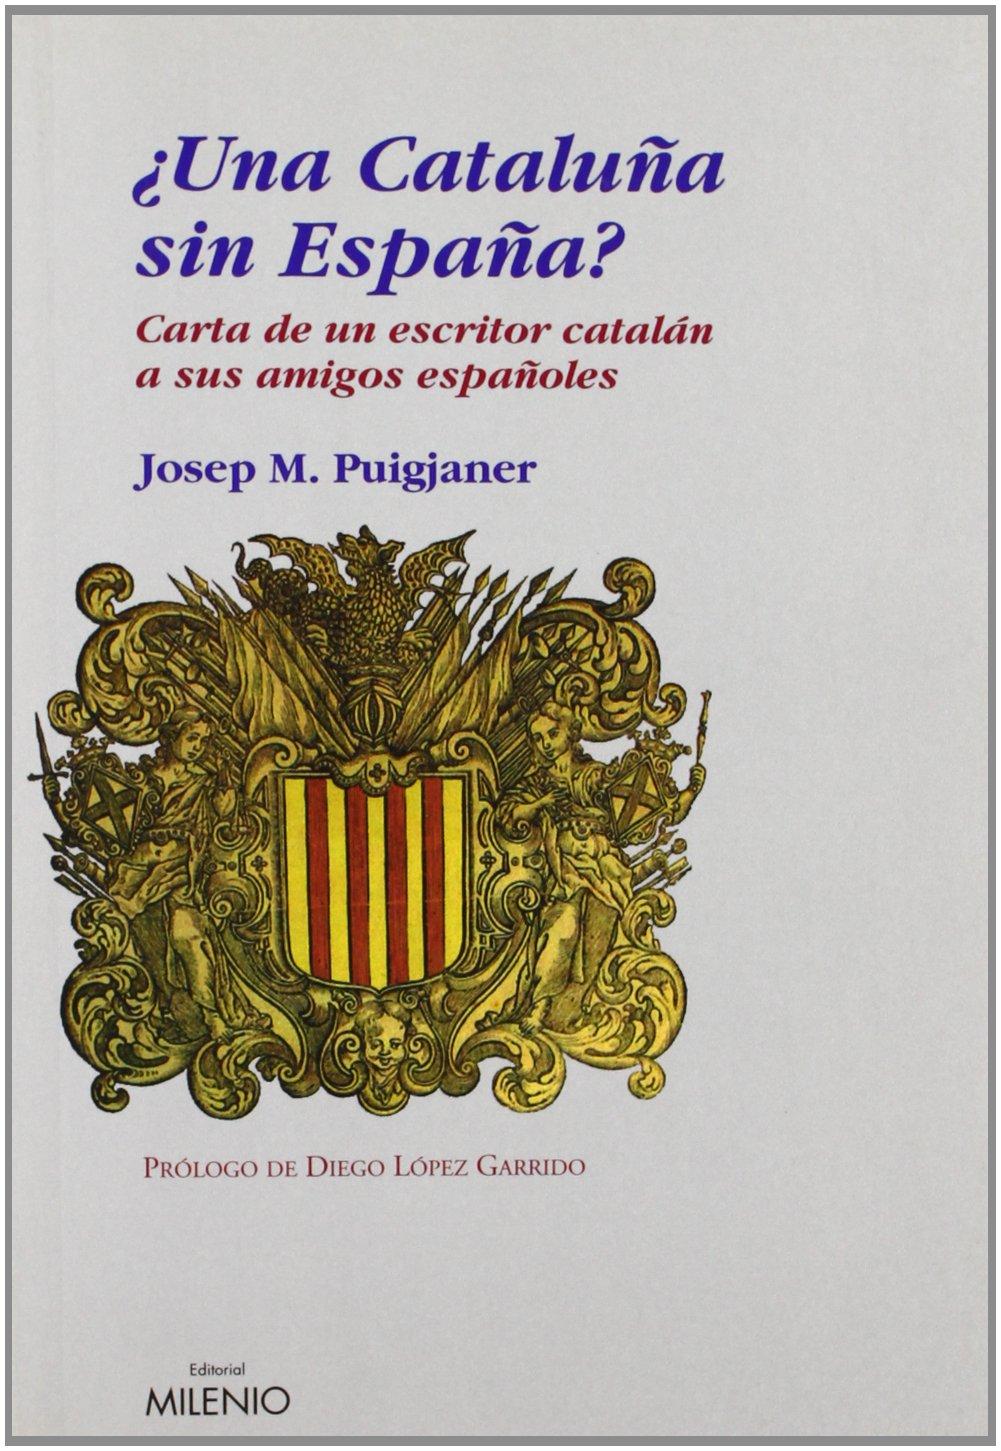 Una Cataluña sin España?: Carta de un escritor catalán a sus amigos españoles Ensayo: Amazon.es: Puigjaner, Josep Maria, López Garrido, Diego: Libros